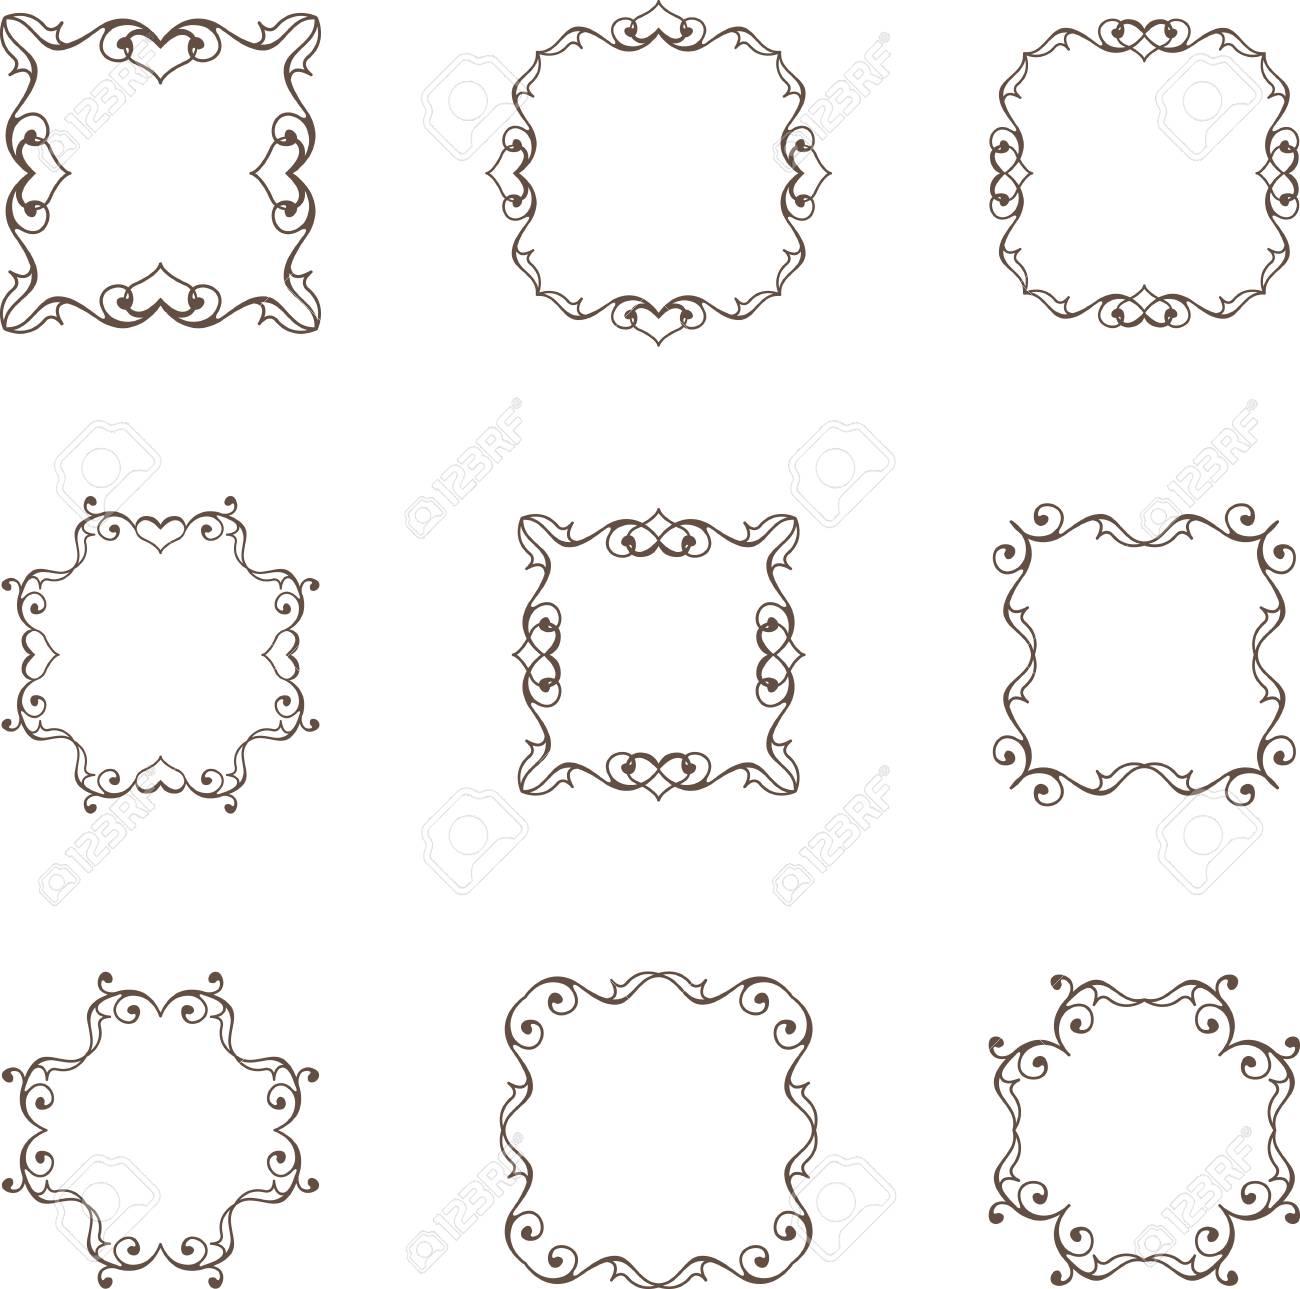 Set of floral heart frames - 39705443